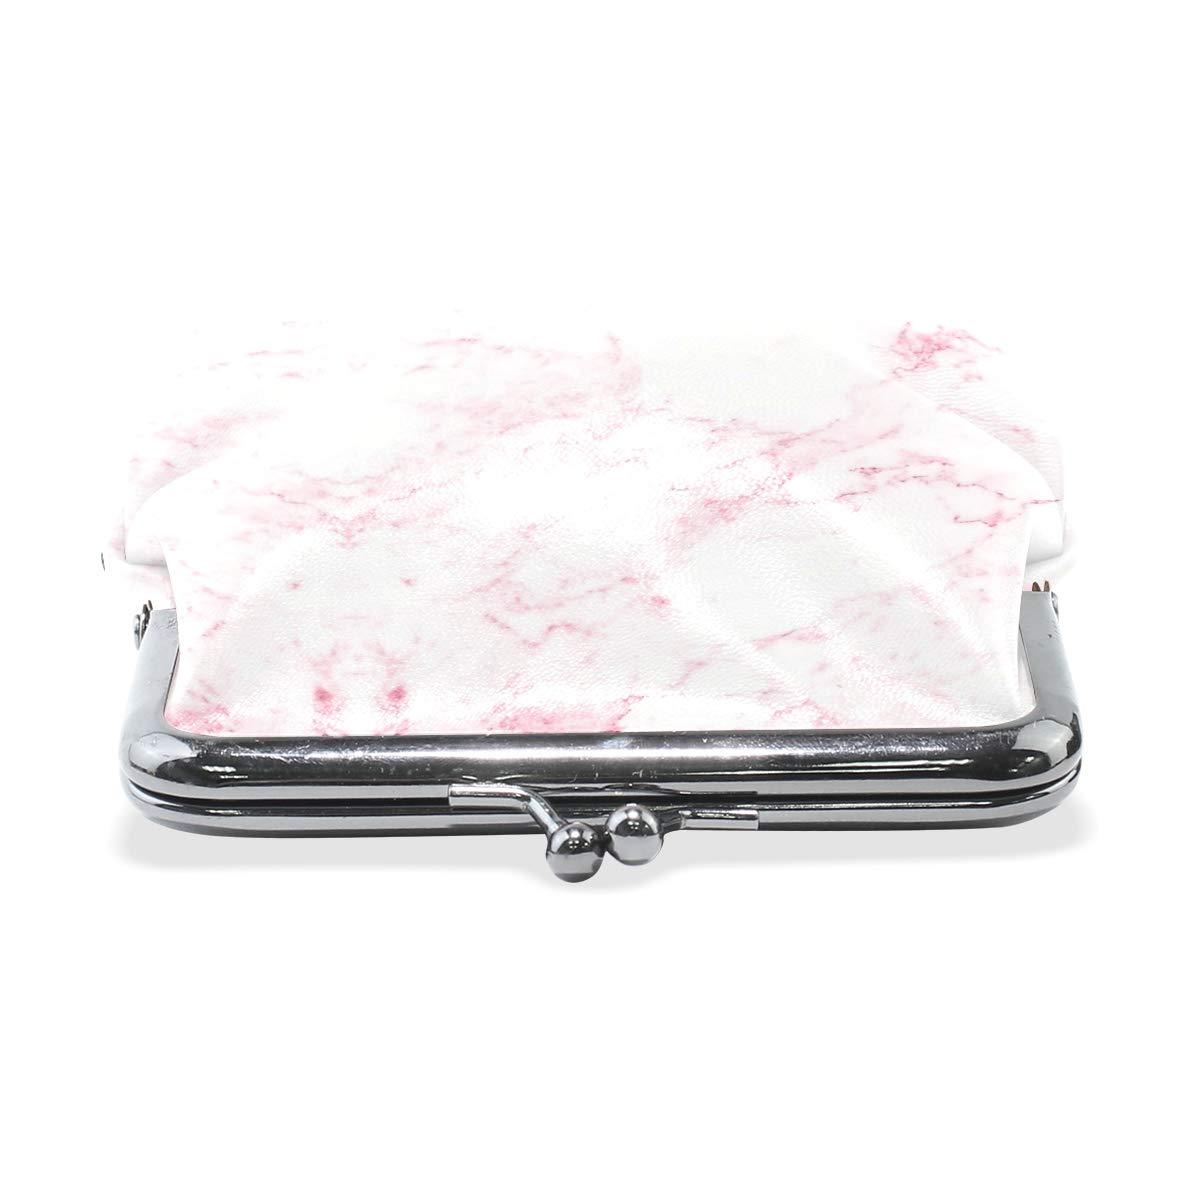 Pink Marble Rock Mini Coin Purse Clutch Bag Cute Coin Purse Retro Bag Minimalist Coin Purse Men//Women Super Fashion Coin Purse